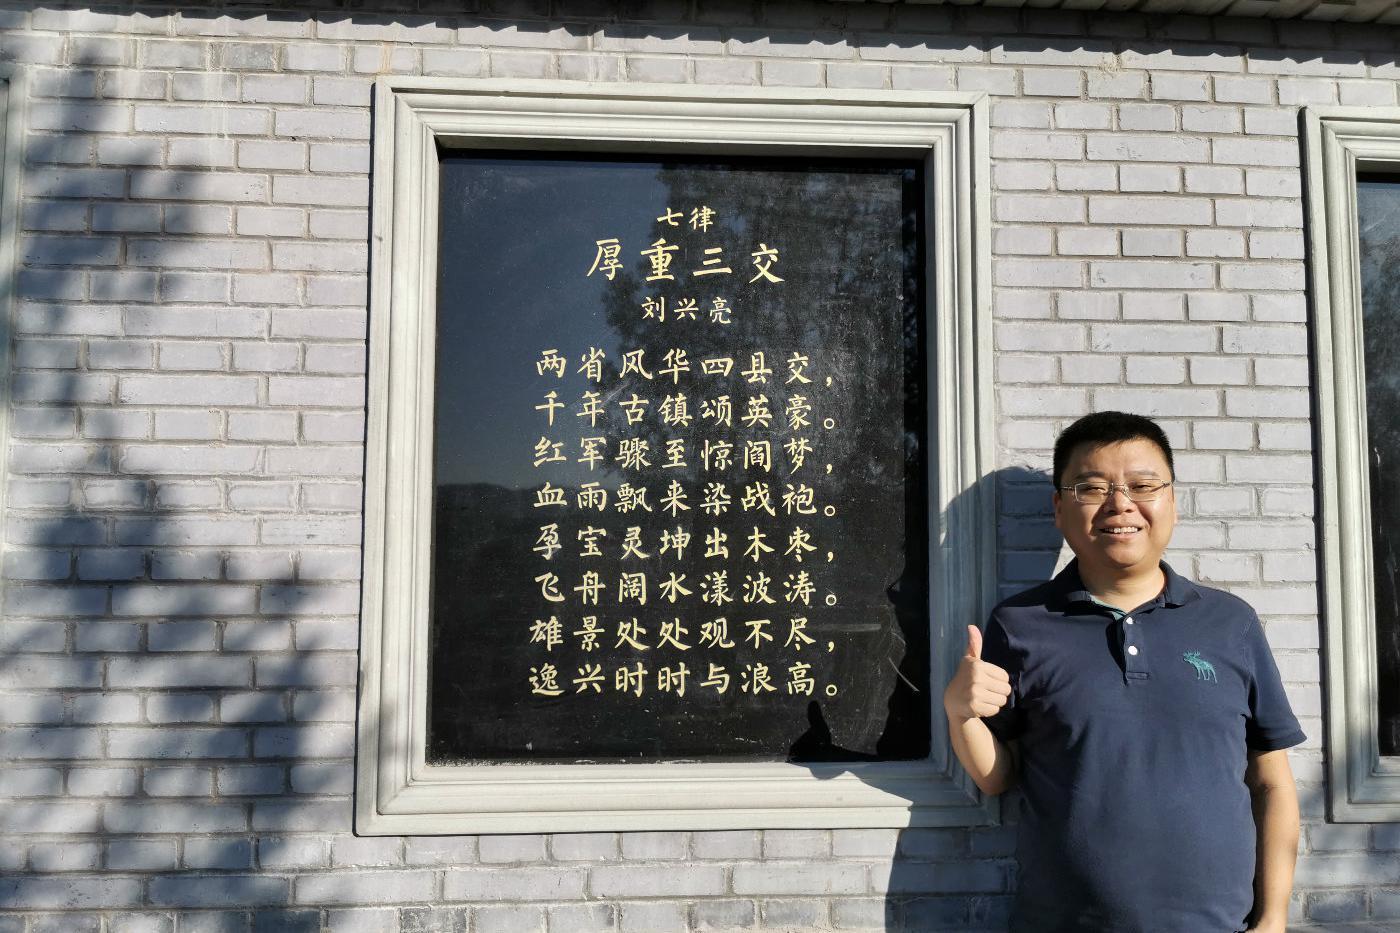 刘兴亮   我的诗,刻在了老家山西柳林三交的石头上了